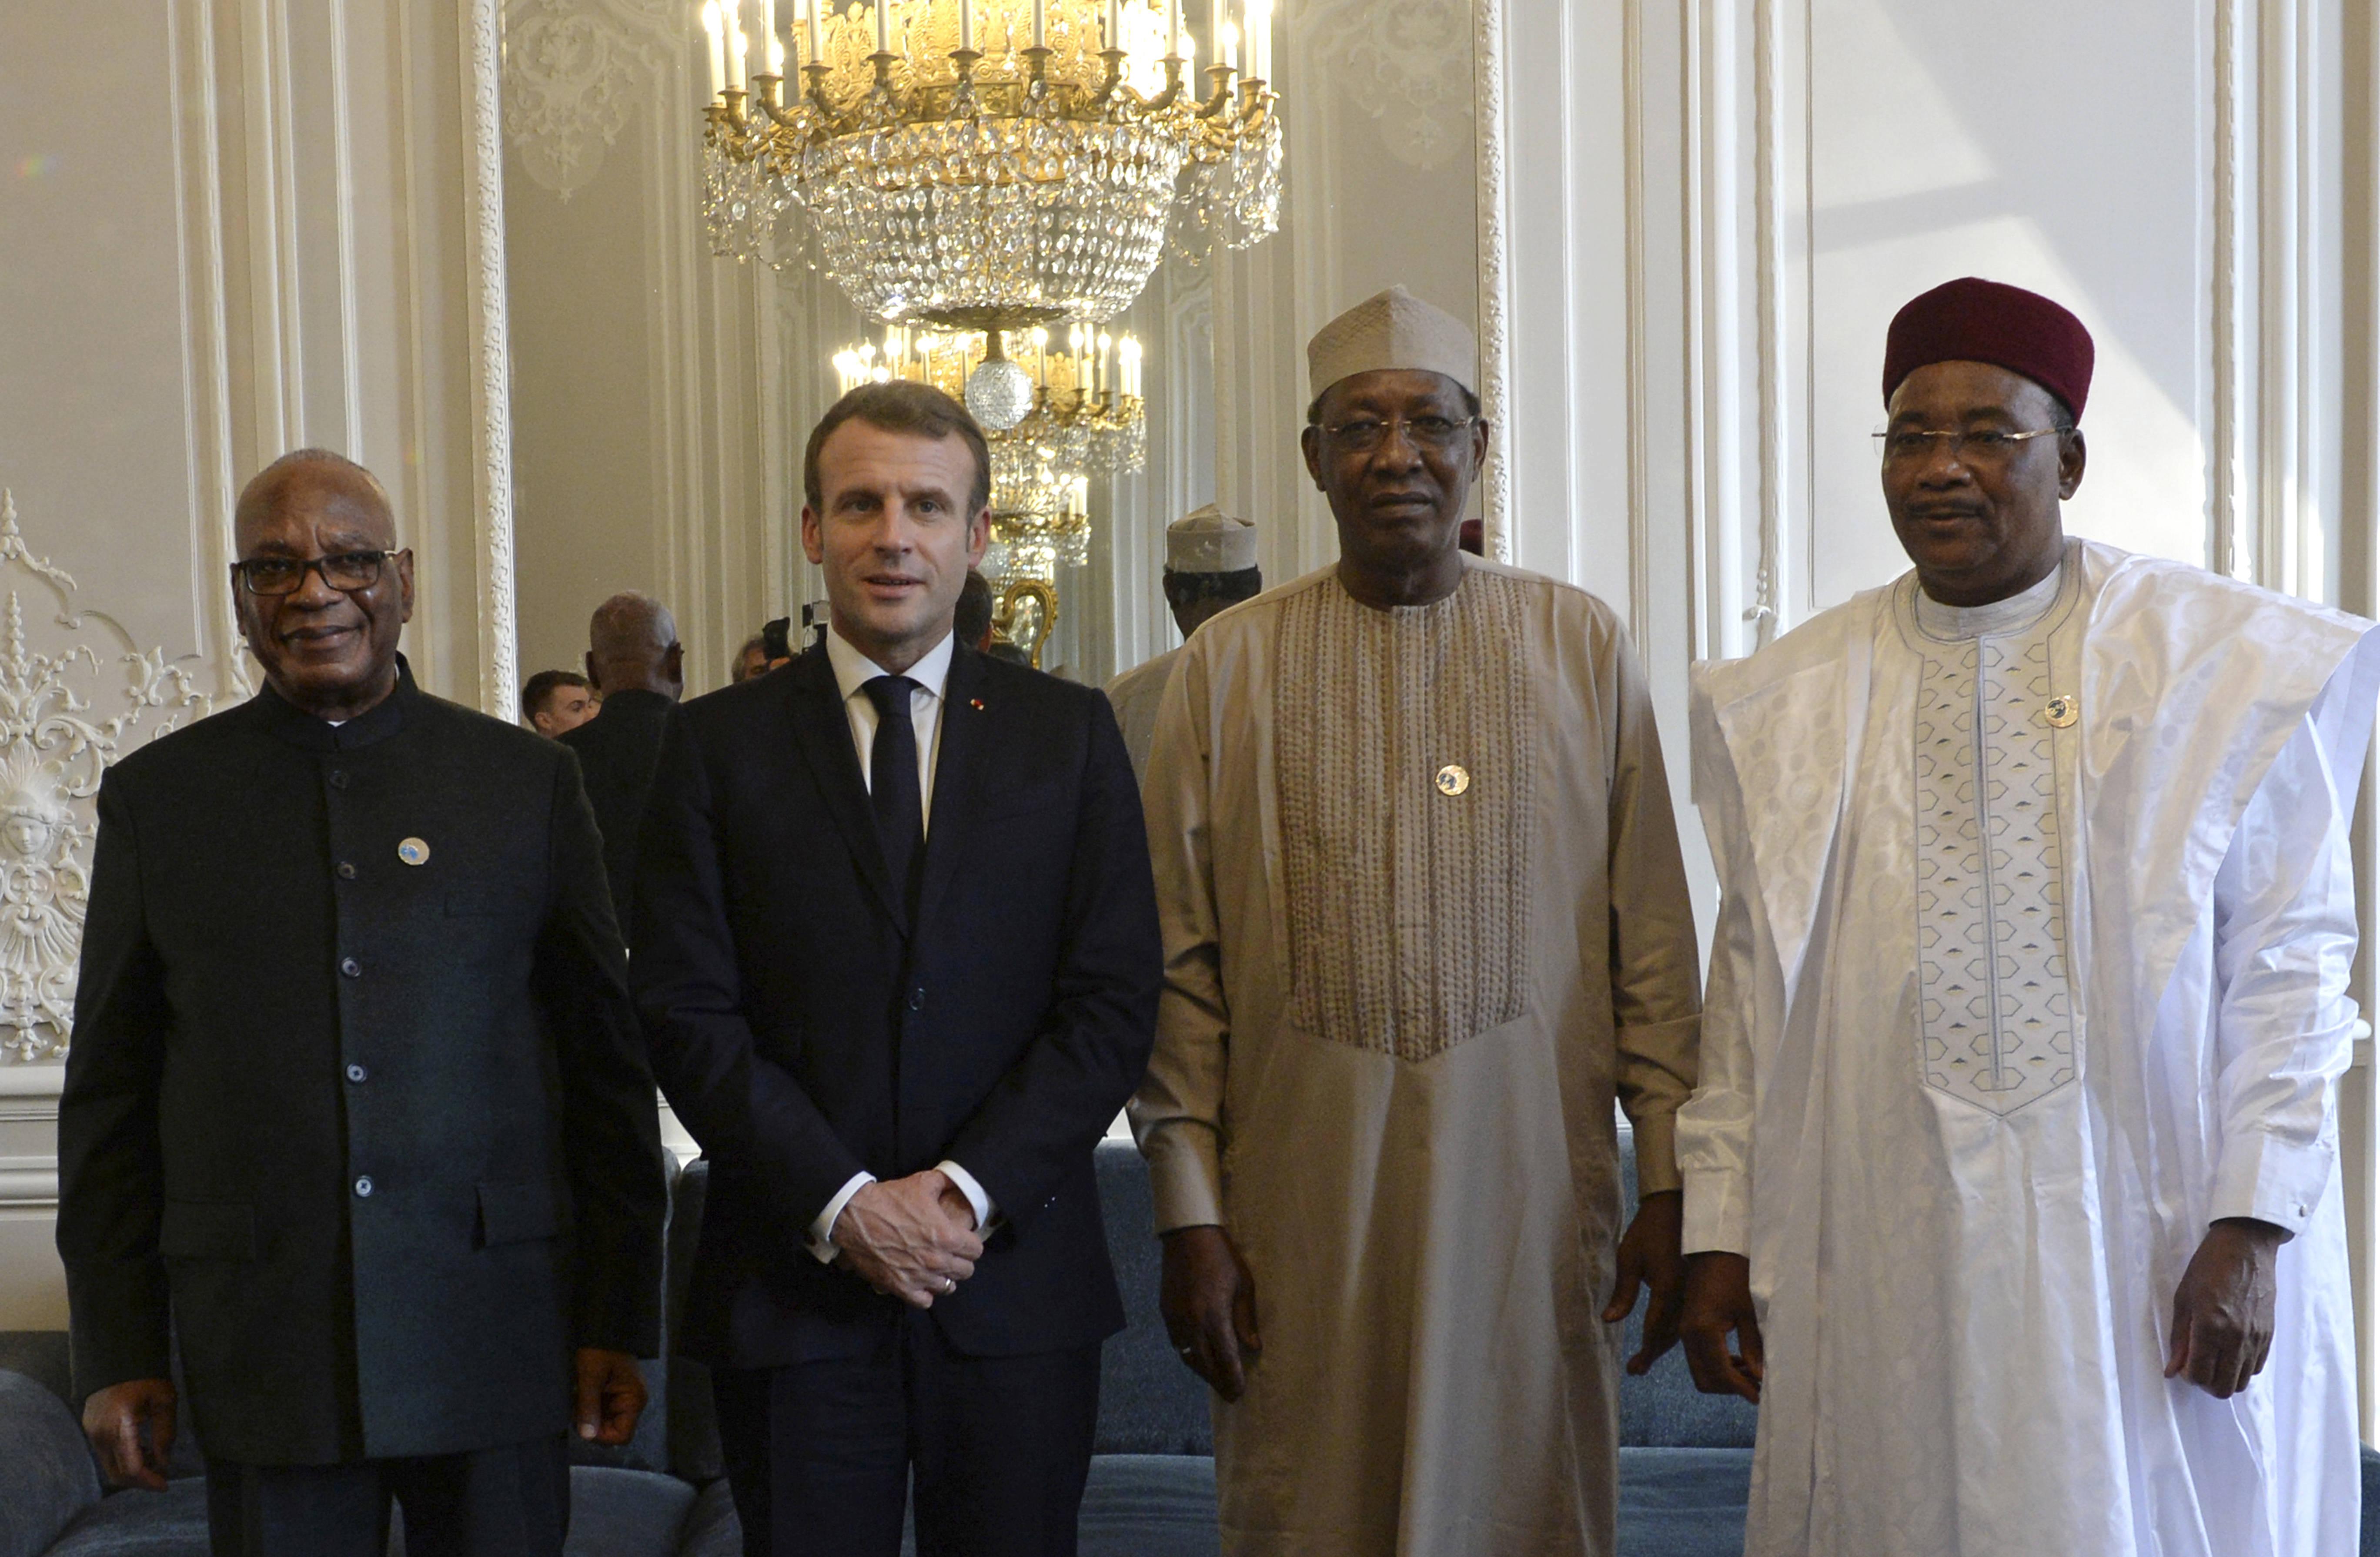 Ibrahim Boubacar Keita, Emmanuel Macron, Idriss Deby et Mahamadou Issoufou, le 12 novembre 2019.